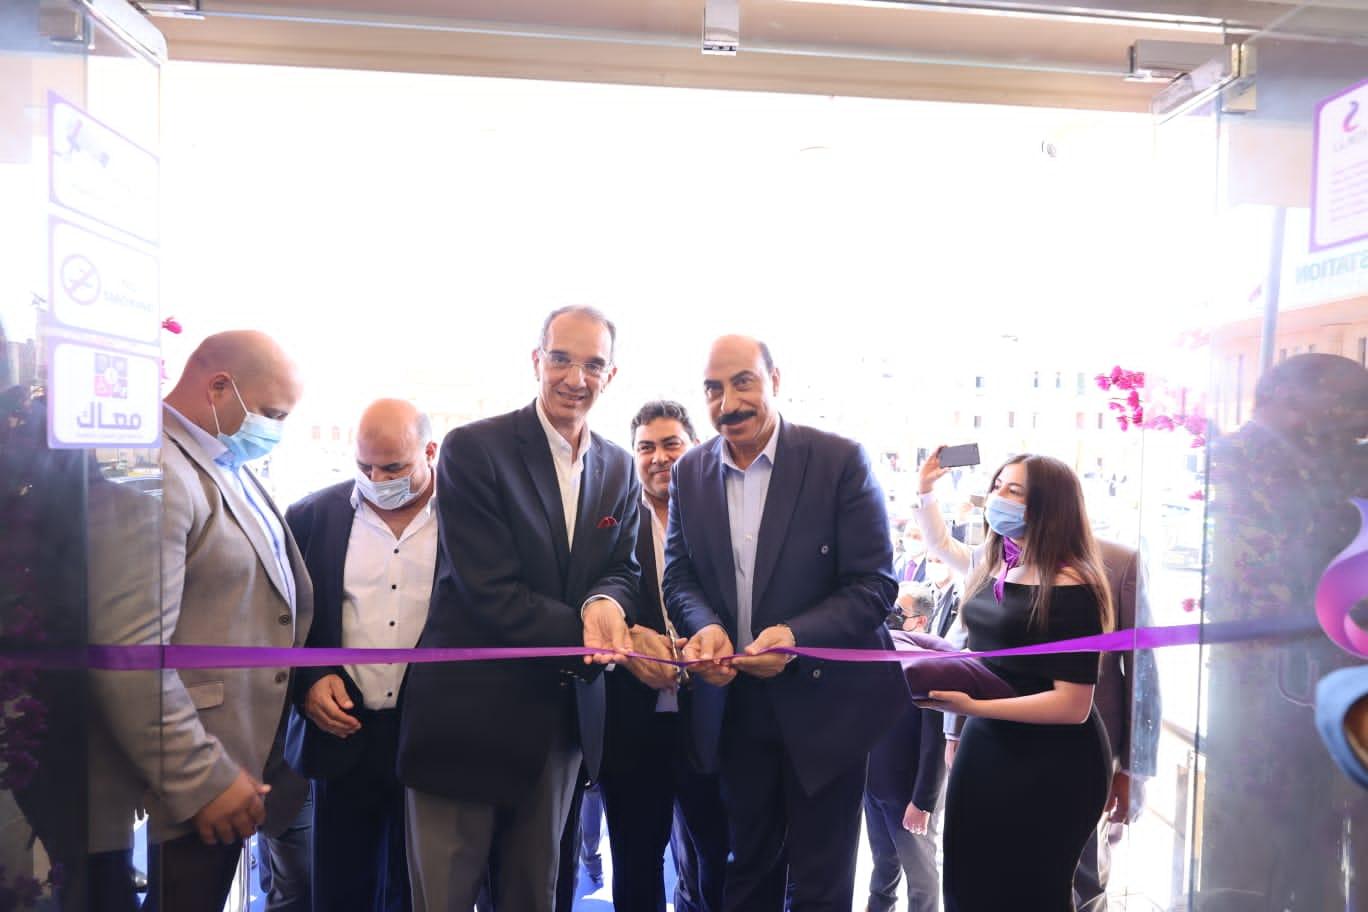 د/ عمرو طلعت  يفتتح مركز خدمة عملاء المصرية للاتصالات  ومكتب بريد المحمودية بإسوان